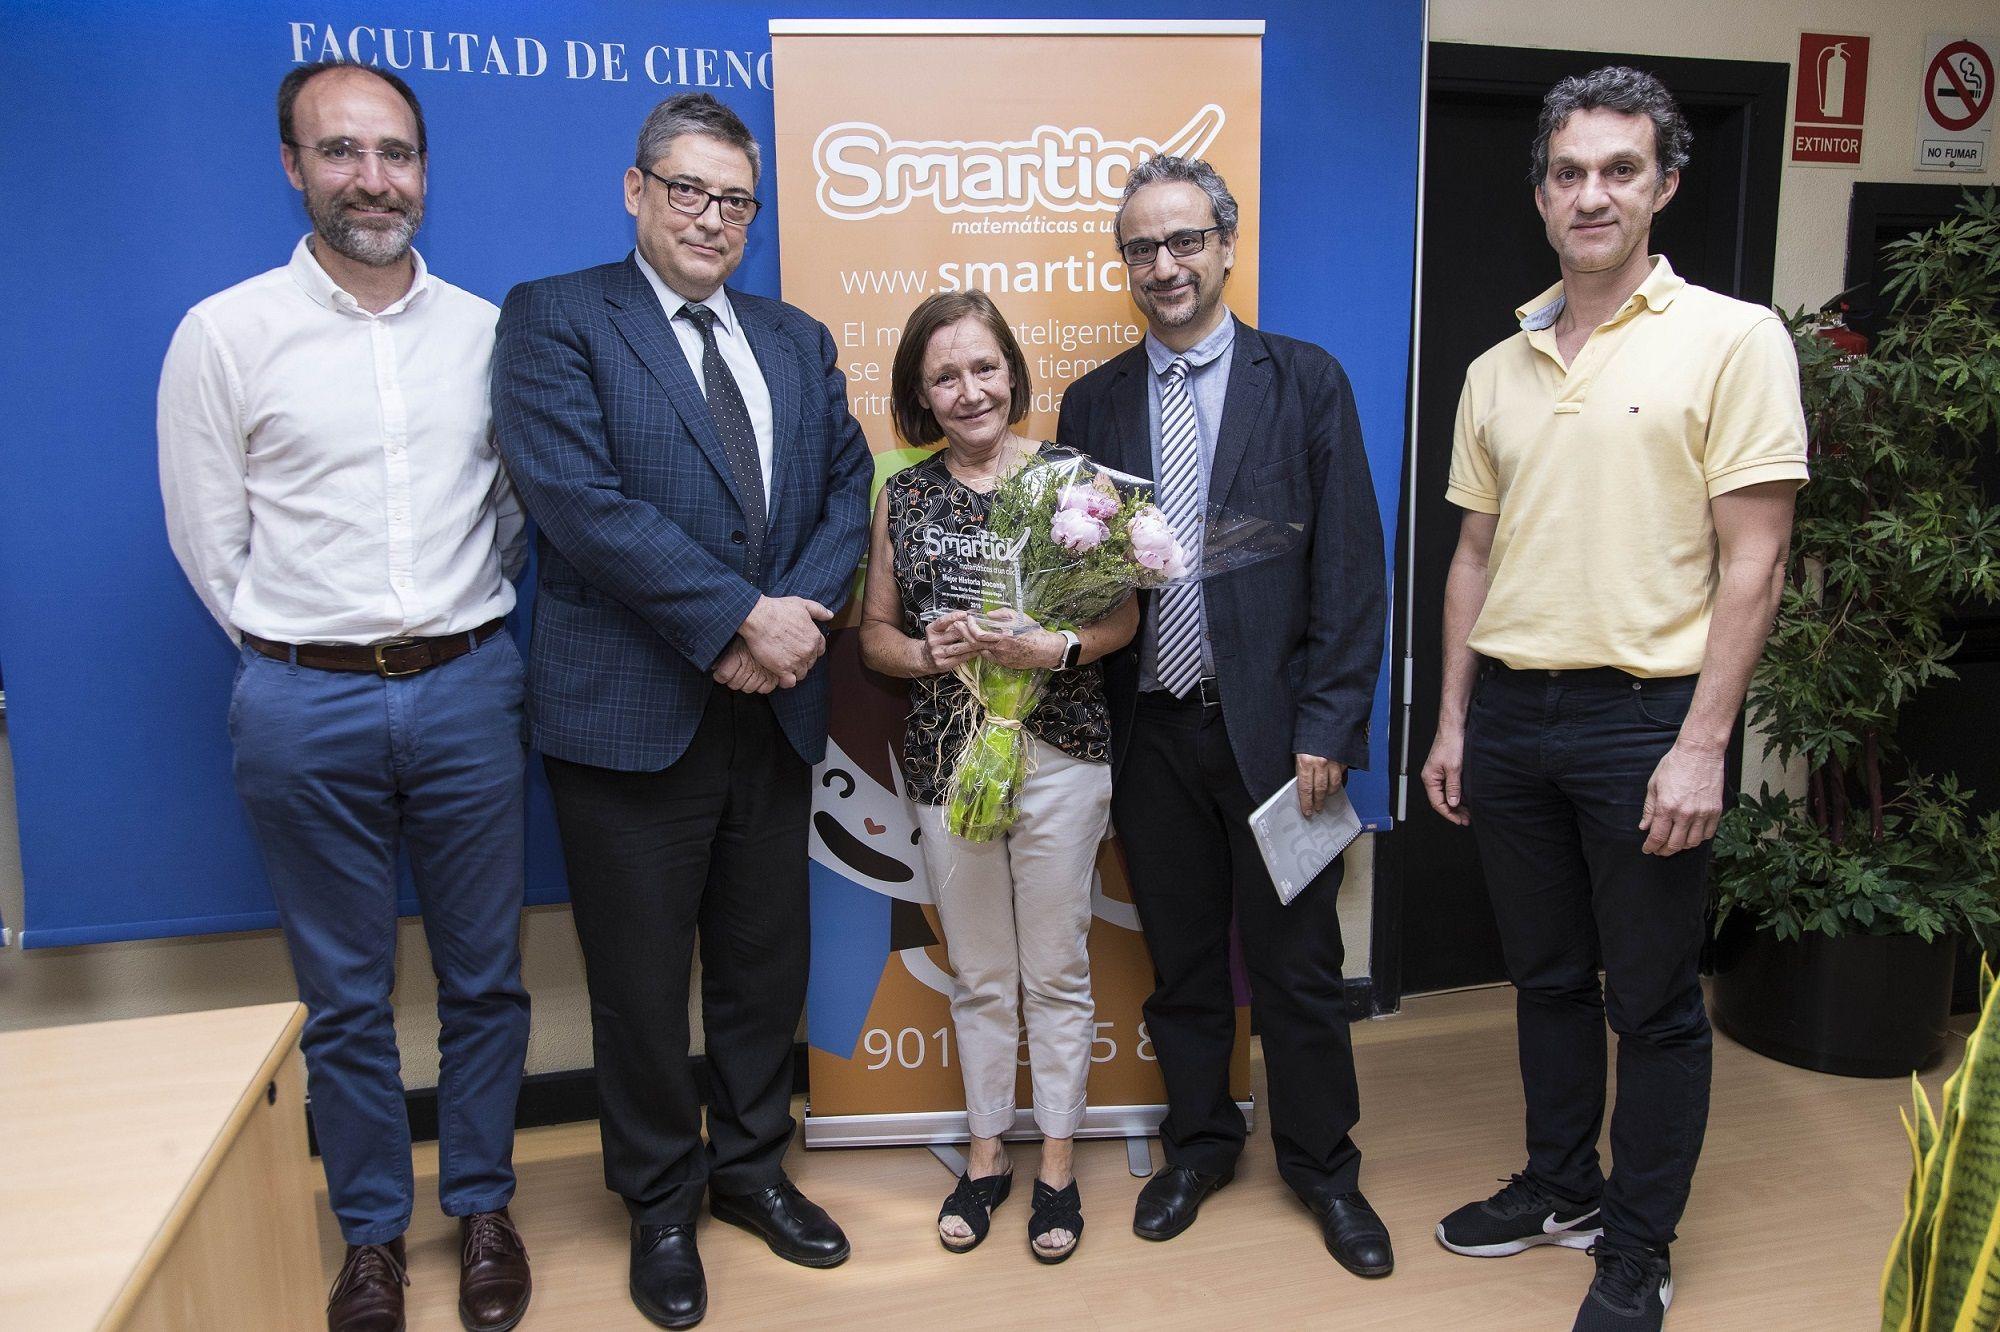 alt - https://static.comunicae.com/photos/notas/1205587/1560522610_Foto_Premio_Smartick_Historia_Docente_2019.jpg